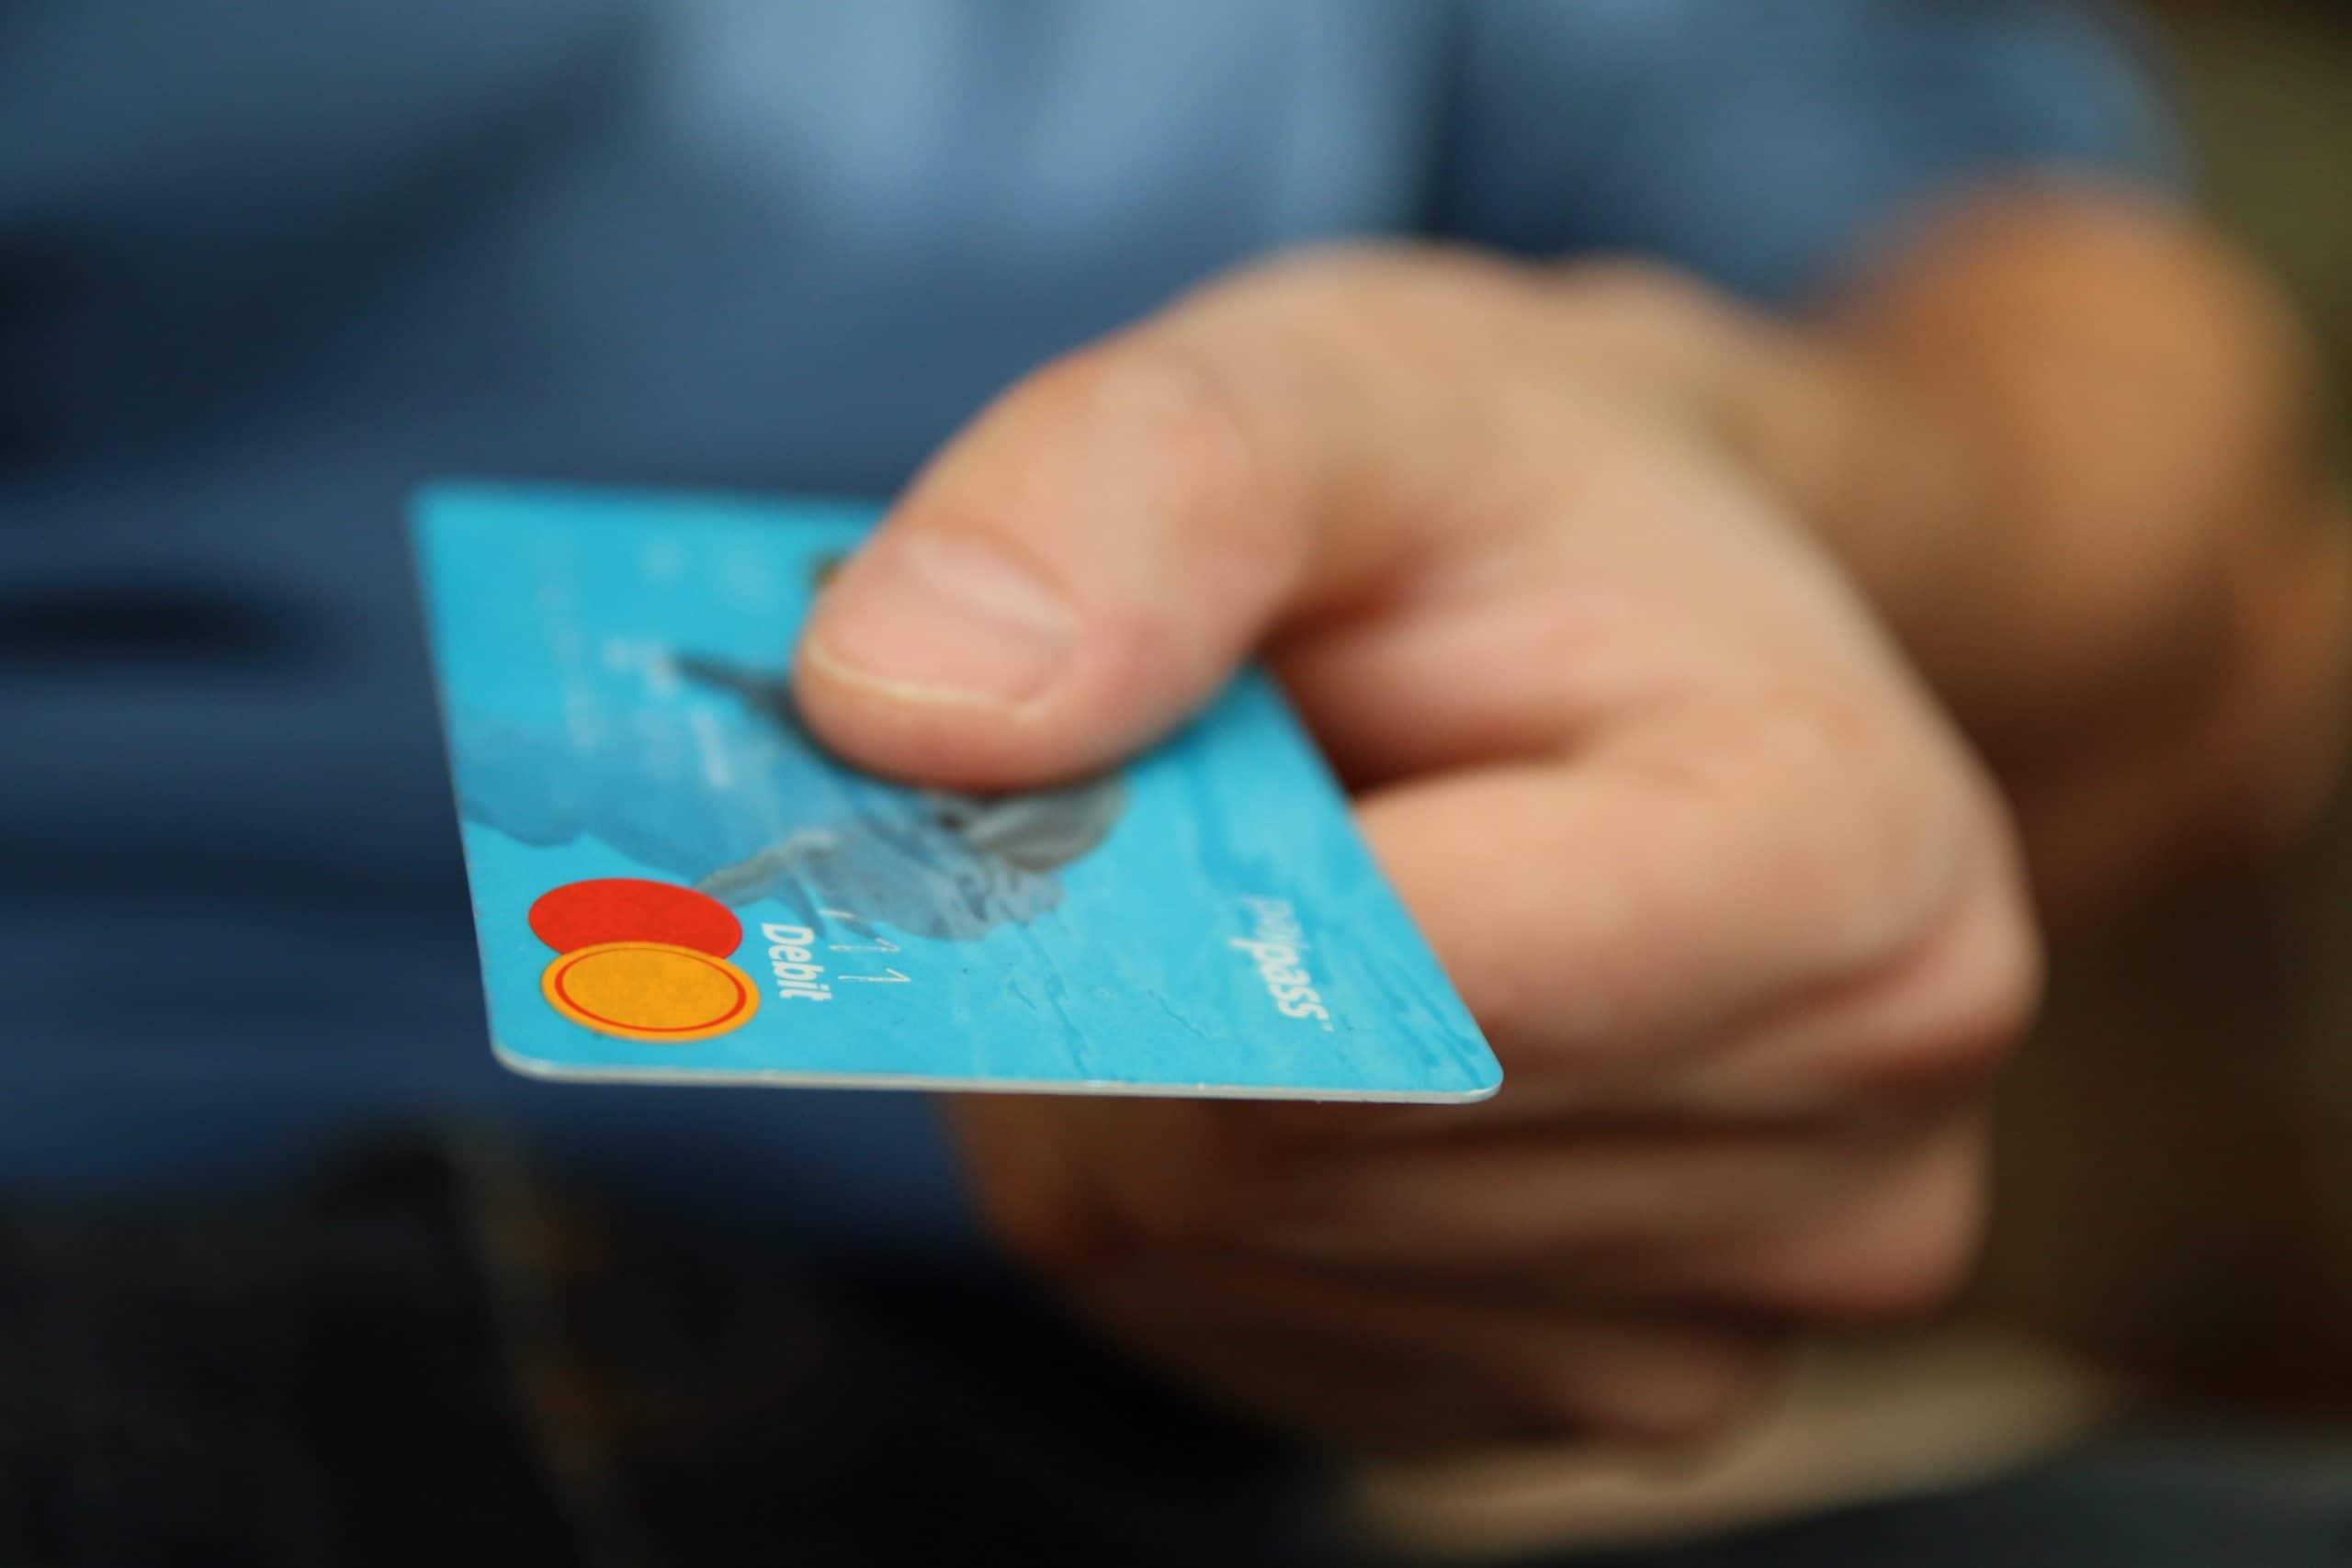 Homem segurando um cartão de débito azul.